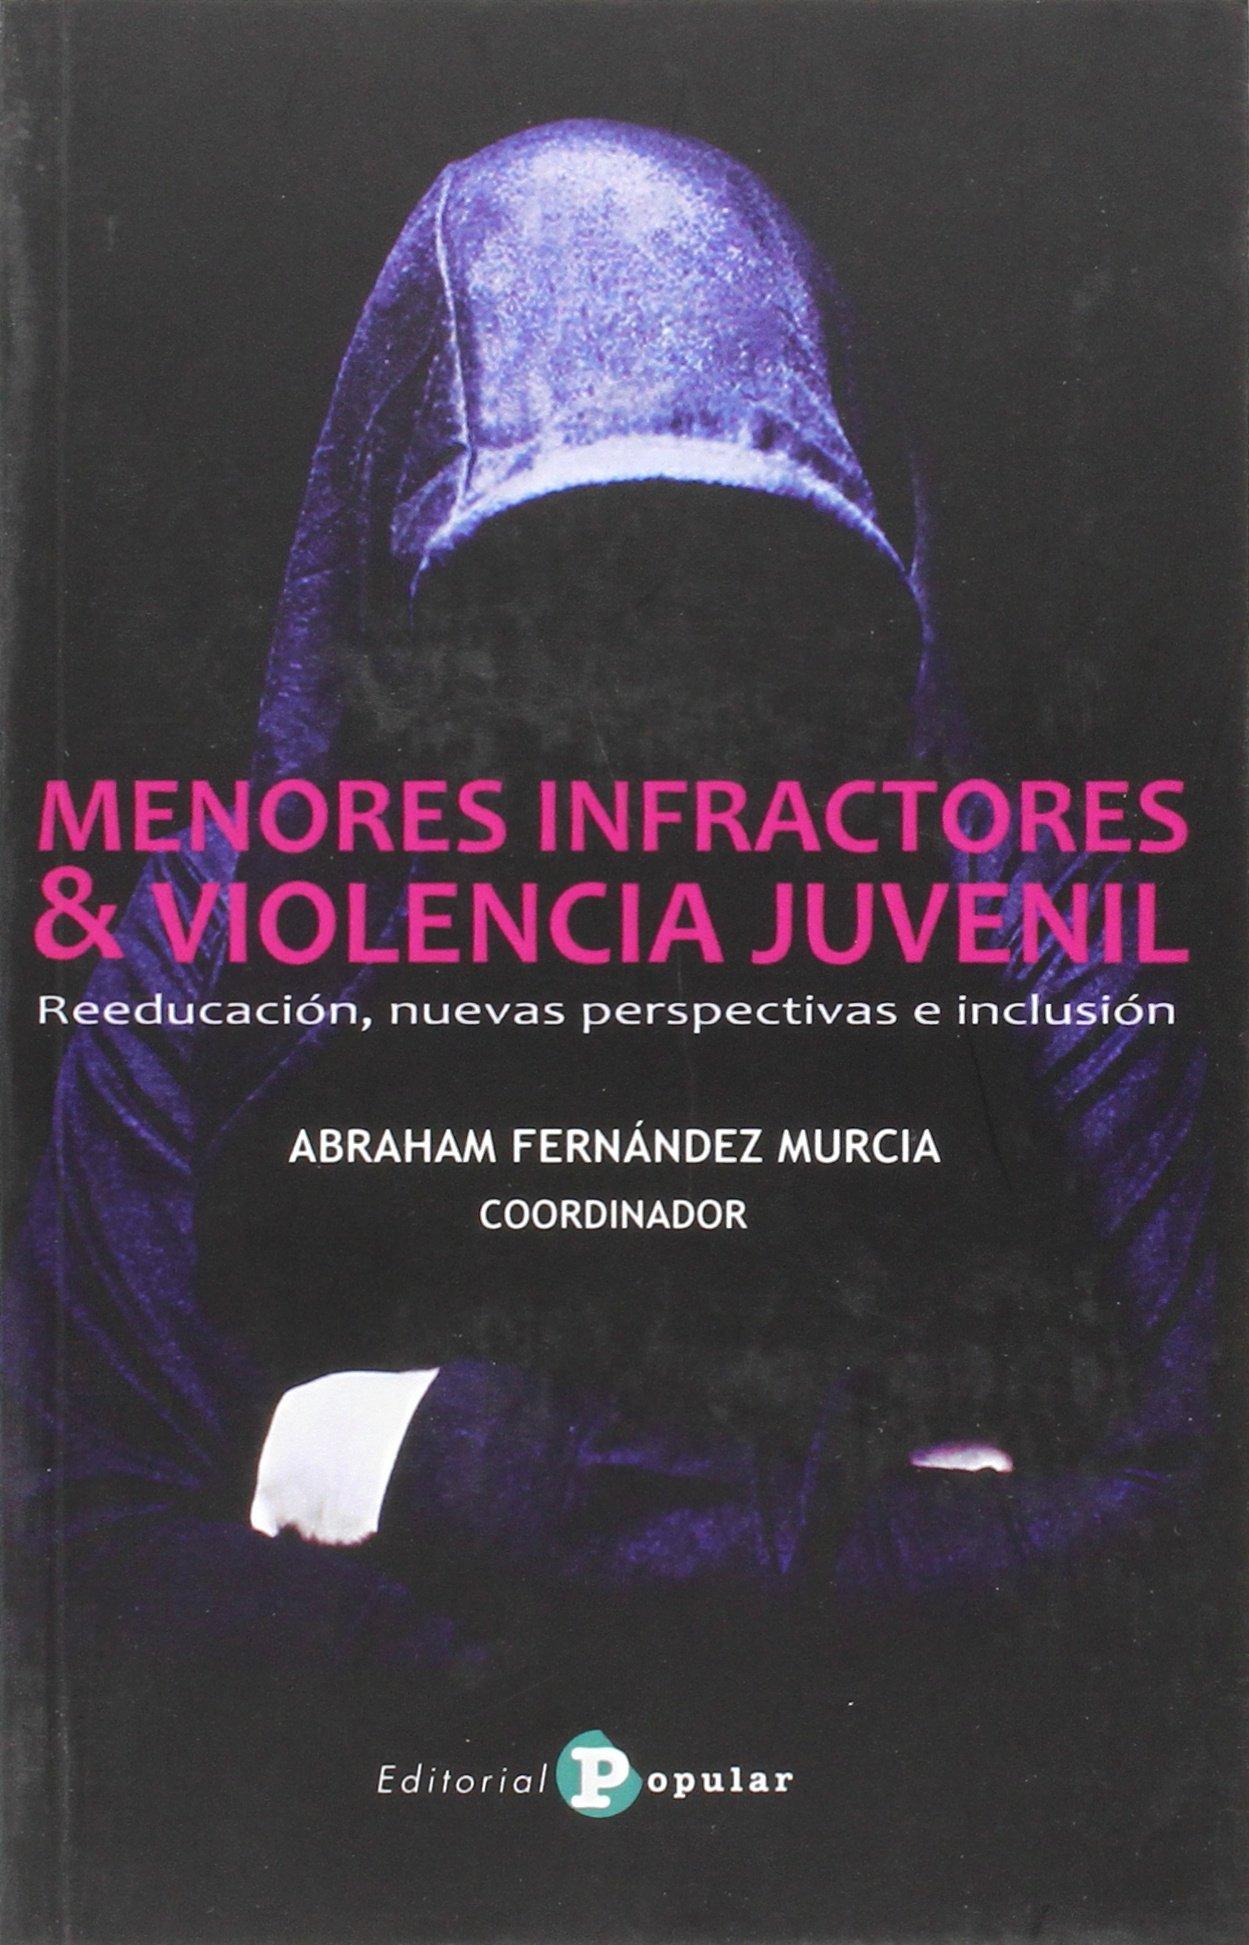 MENORES INFRACTORES Y VIOLENCIA JUVENIL: Reeducación, nuevas perspectivas e inclusión PROMOCION CULTURAL: Amazon.es: ABRAHAM FERNANDEZ MURCIA: Libros